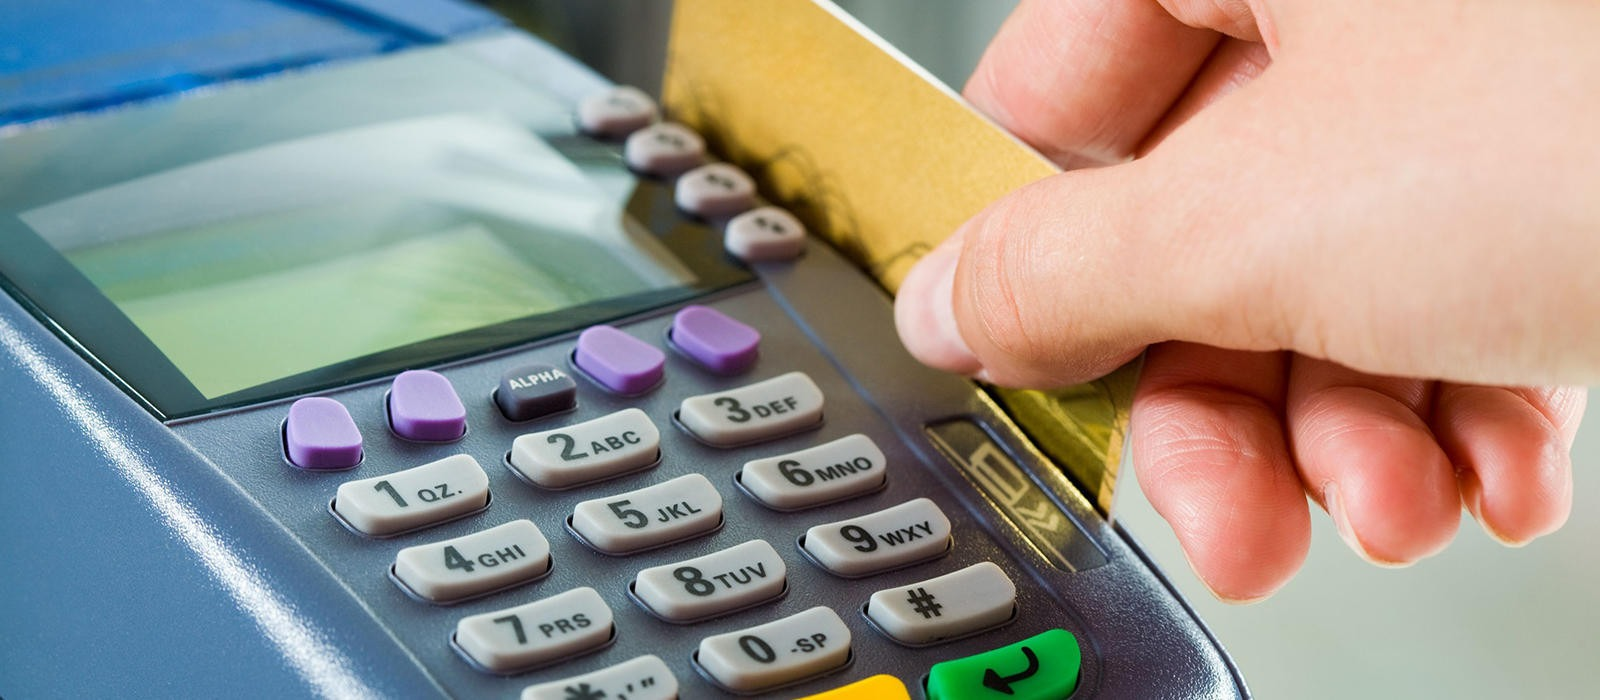 Αφορολόγητο: Στο 30% του εισοδήματος οι ηλεκτρονικές πληρωμές